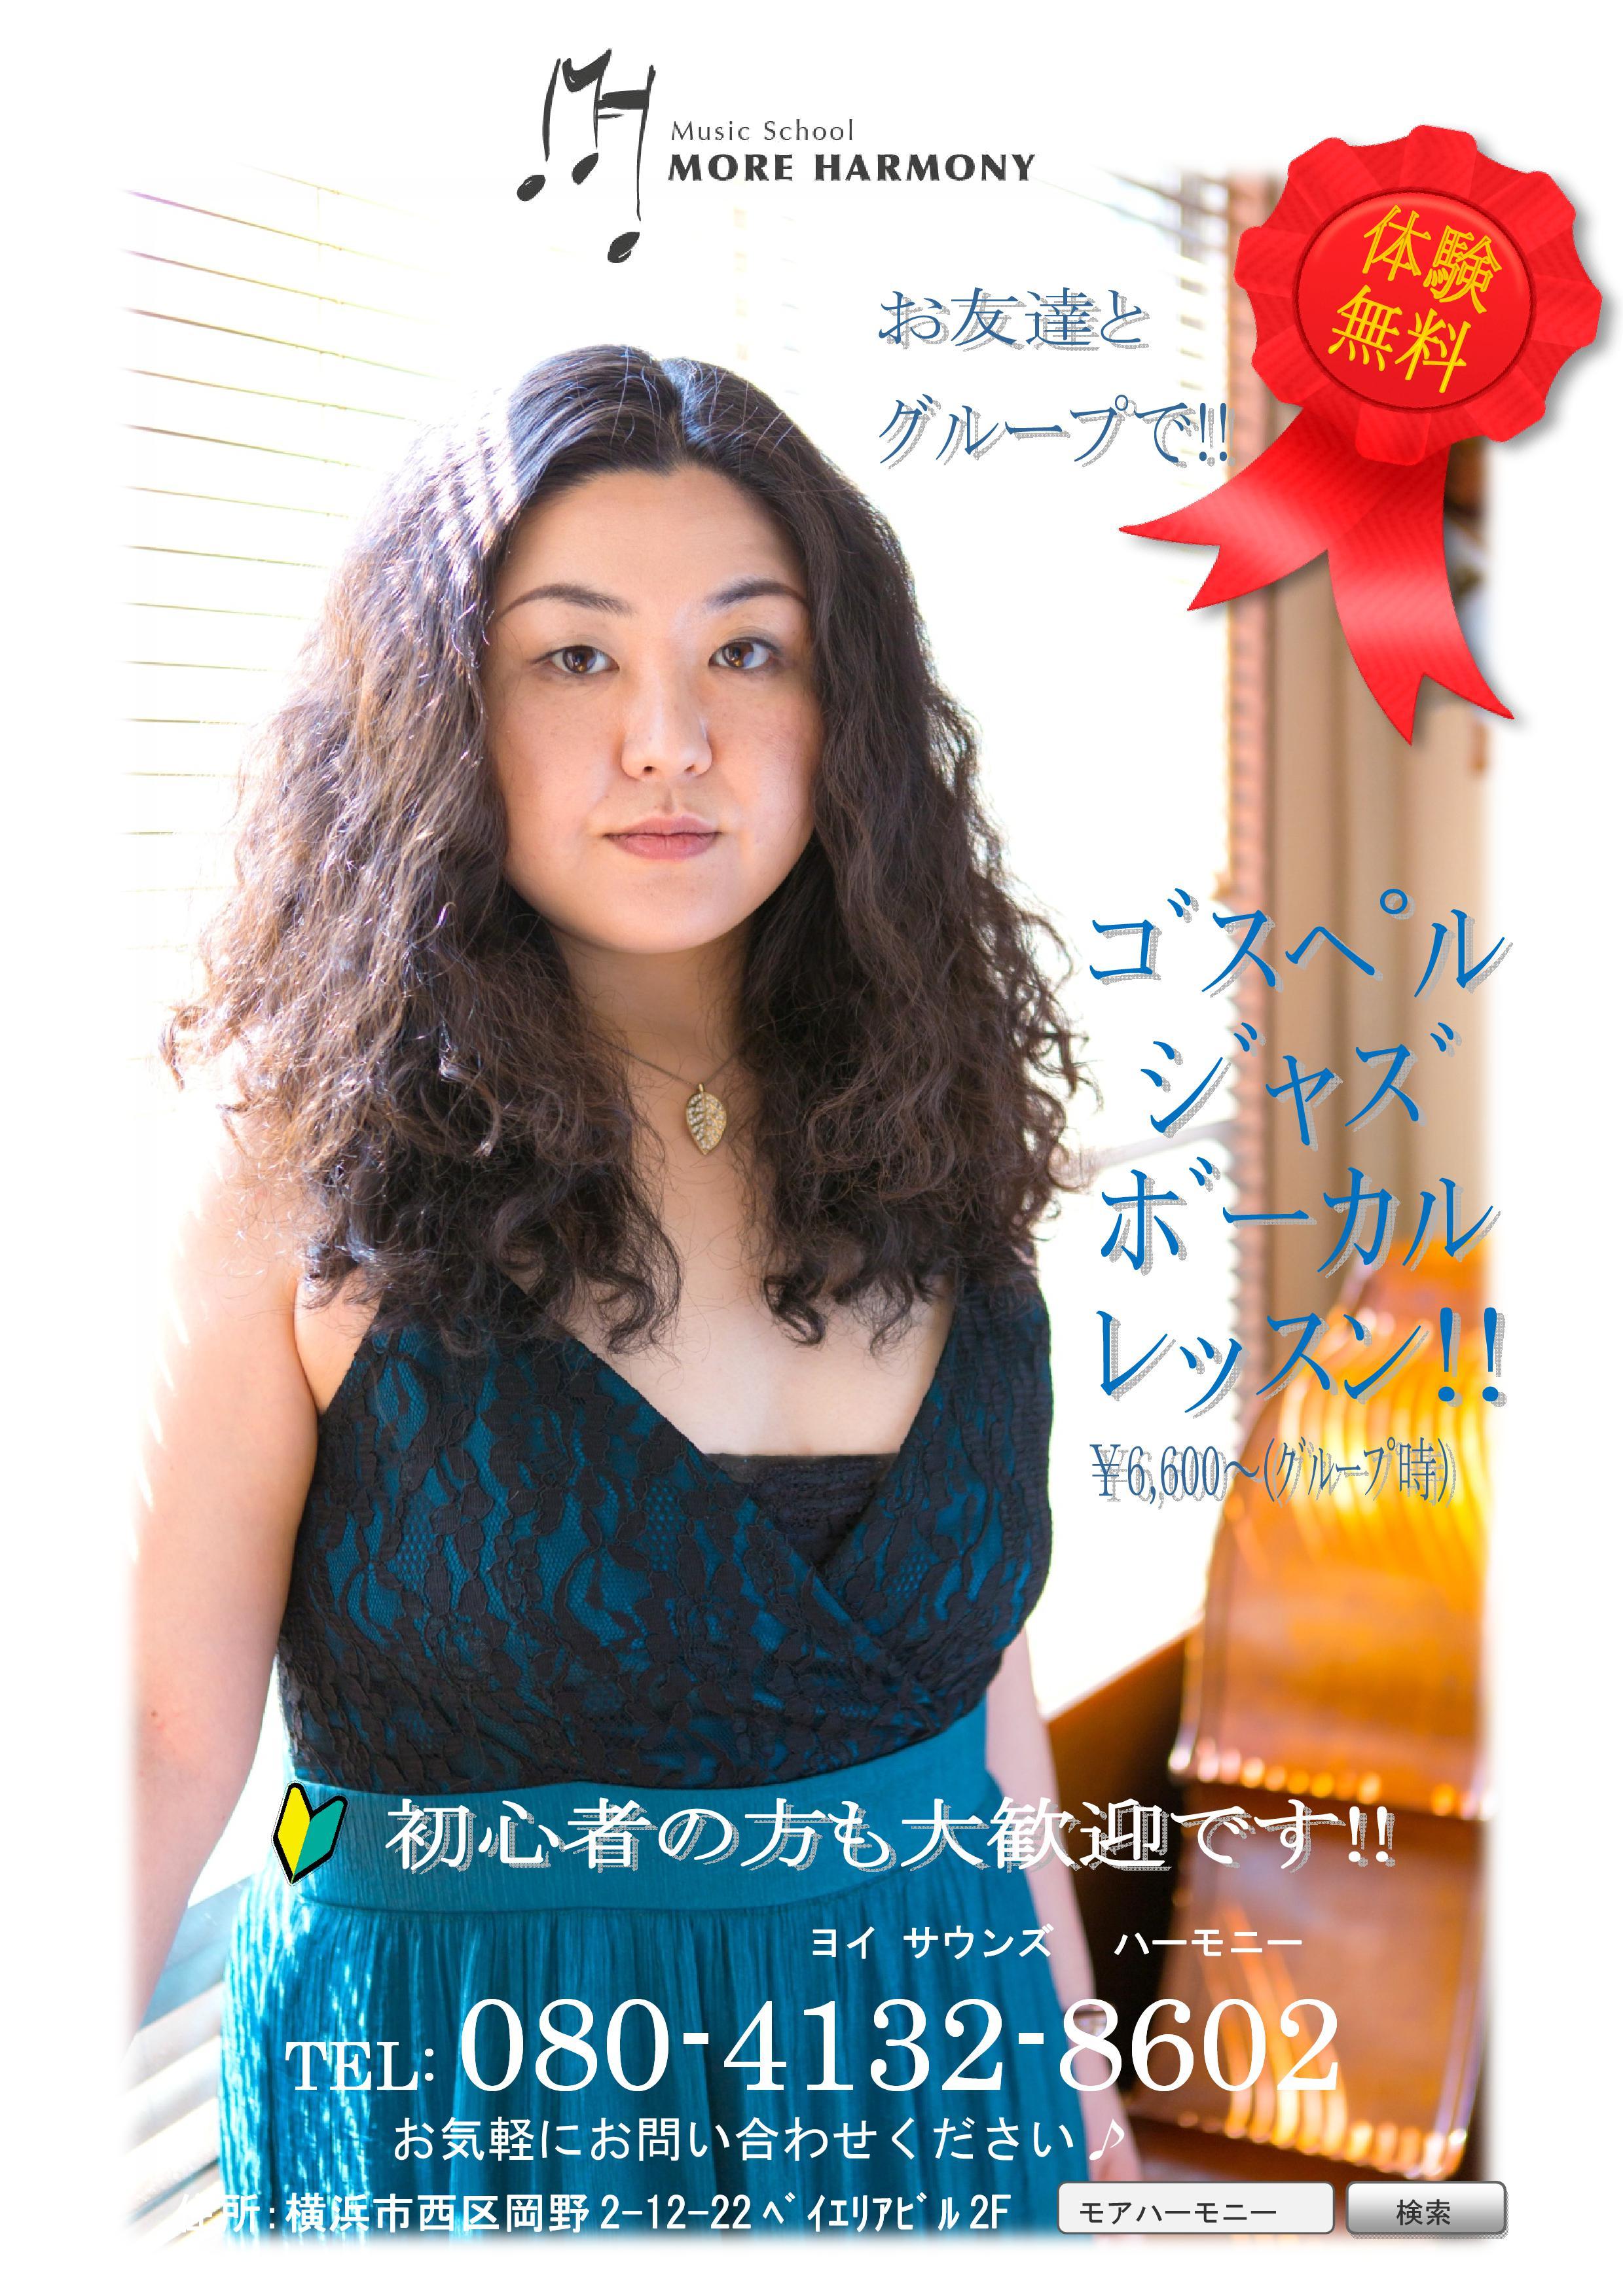 横浜 ボーカルスクール